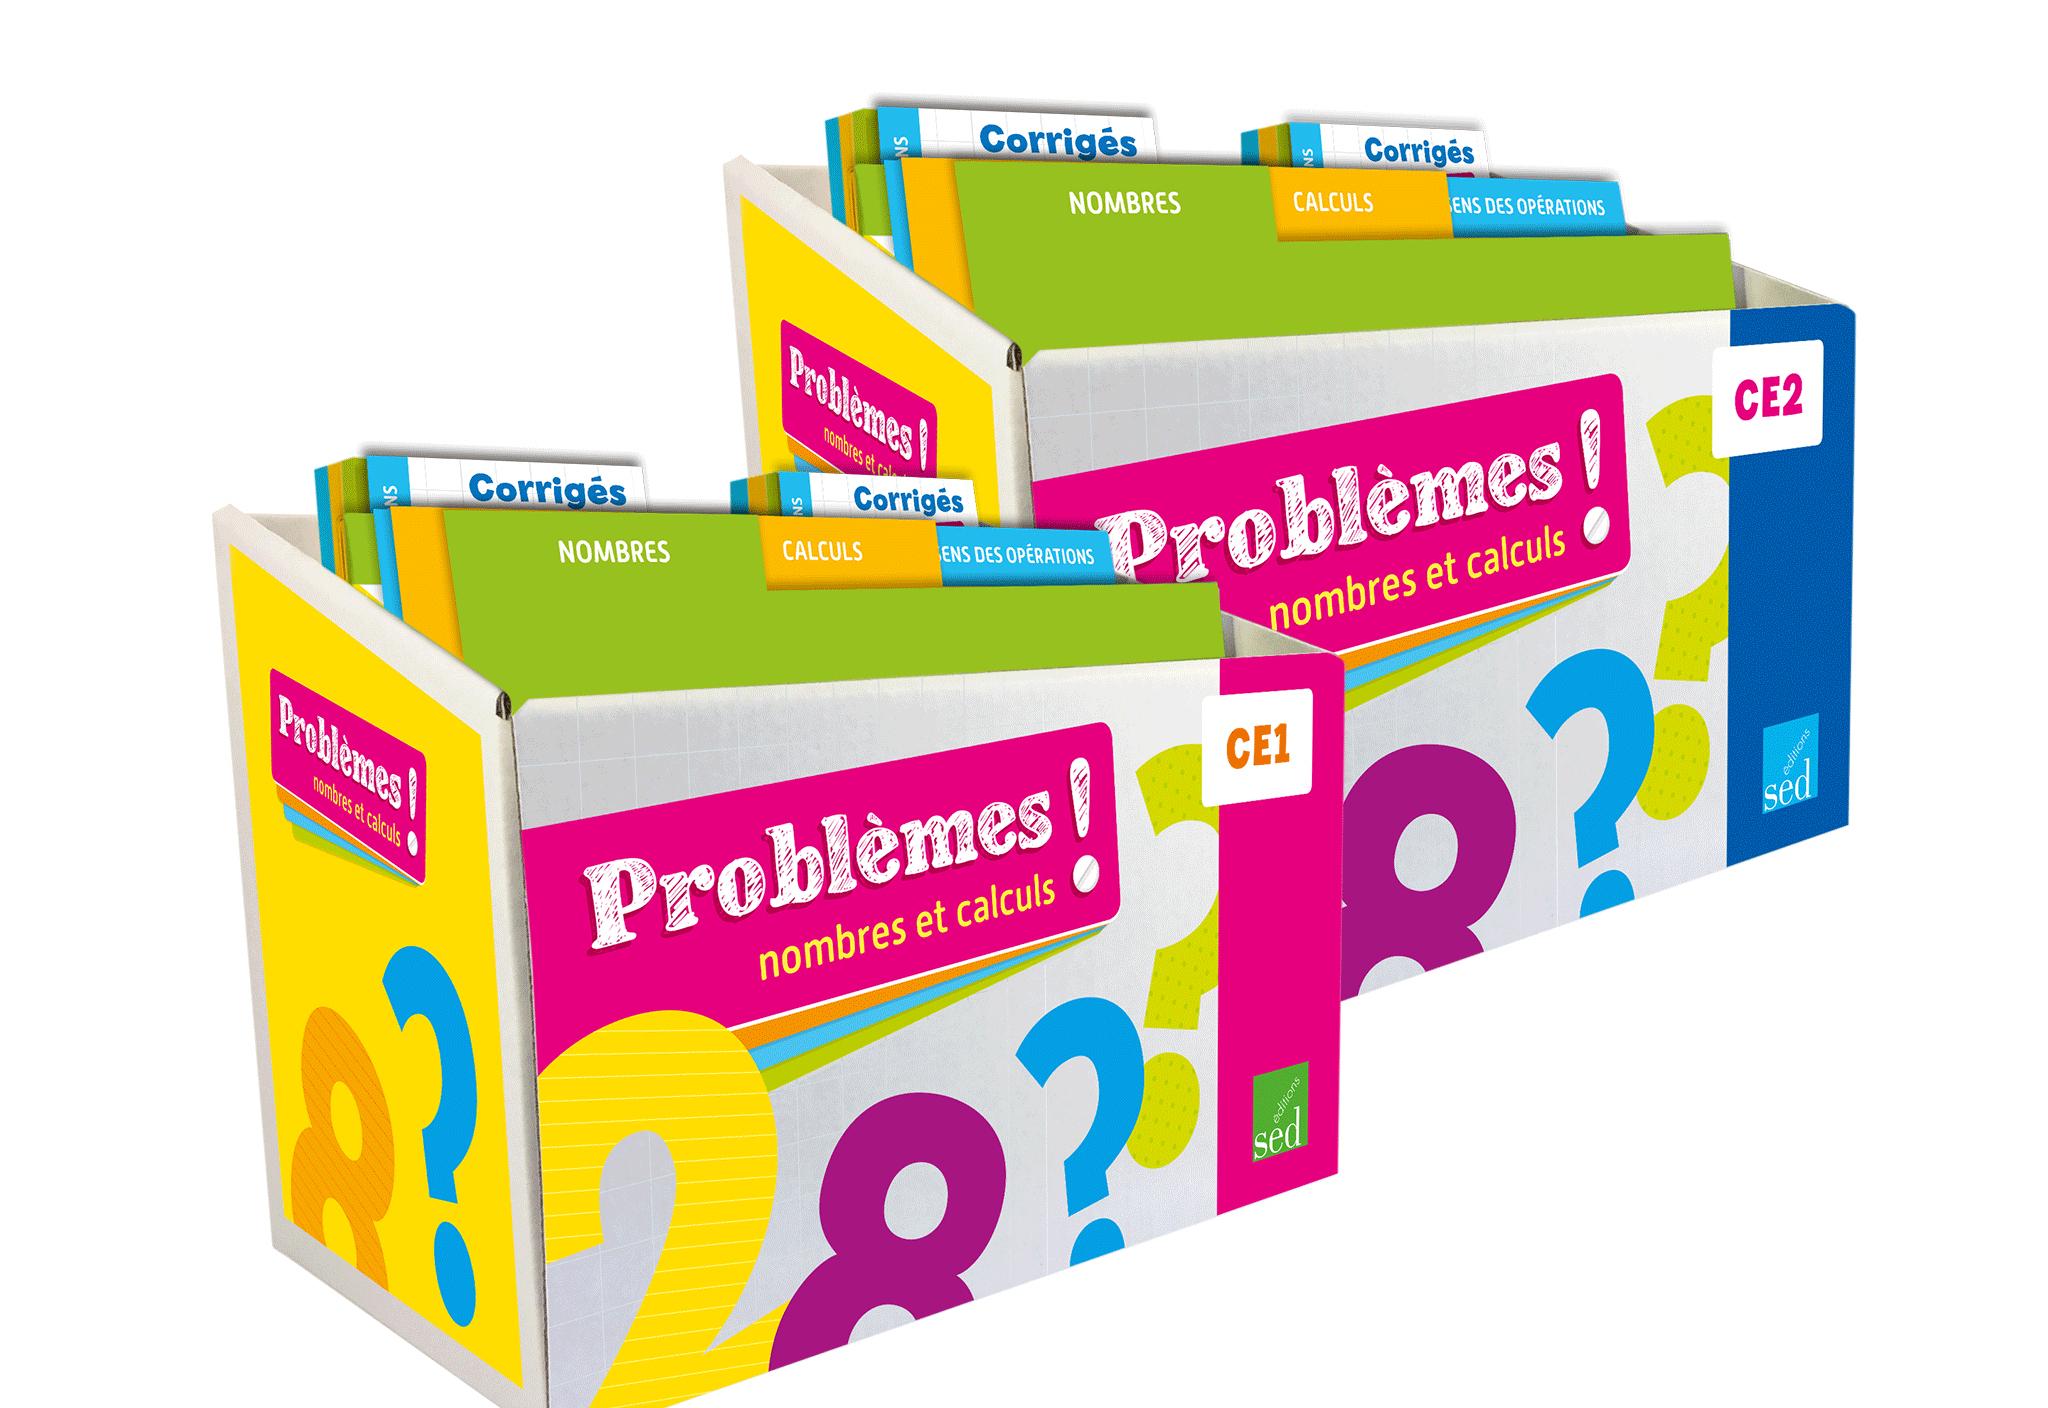 Problèmes ! Nombres Et Calculs Ce à Jeux Educatif Ce1